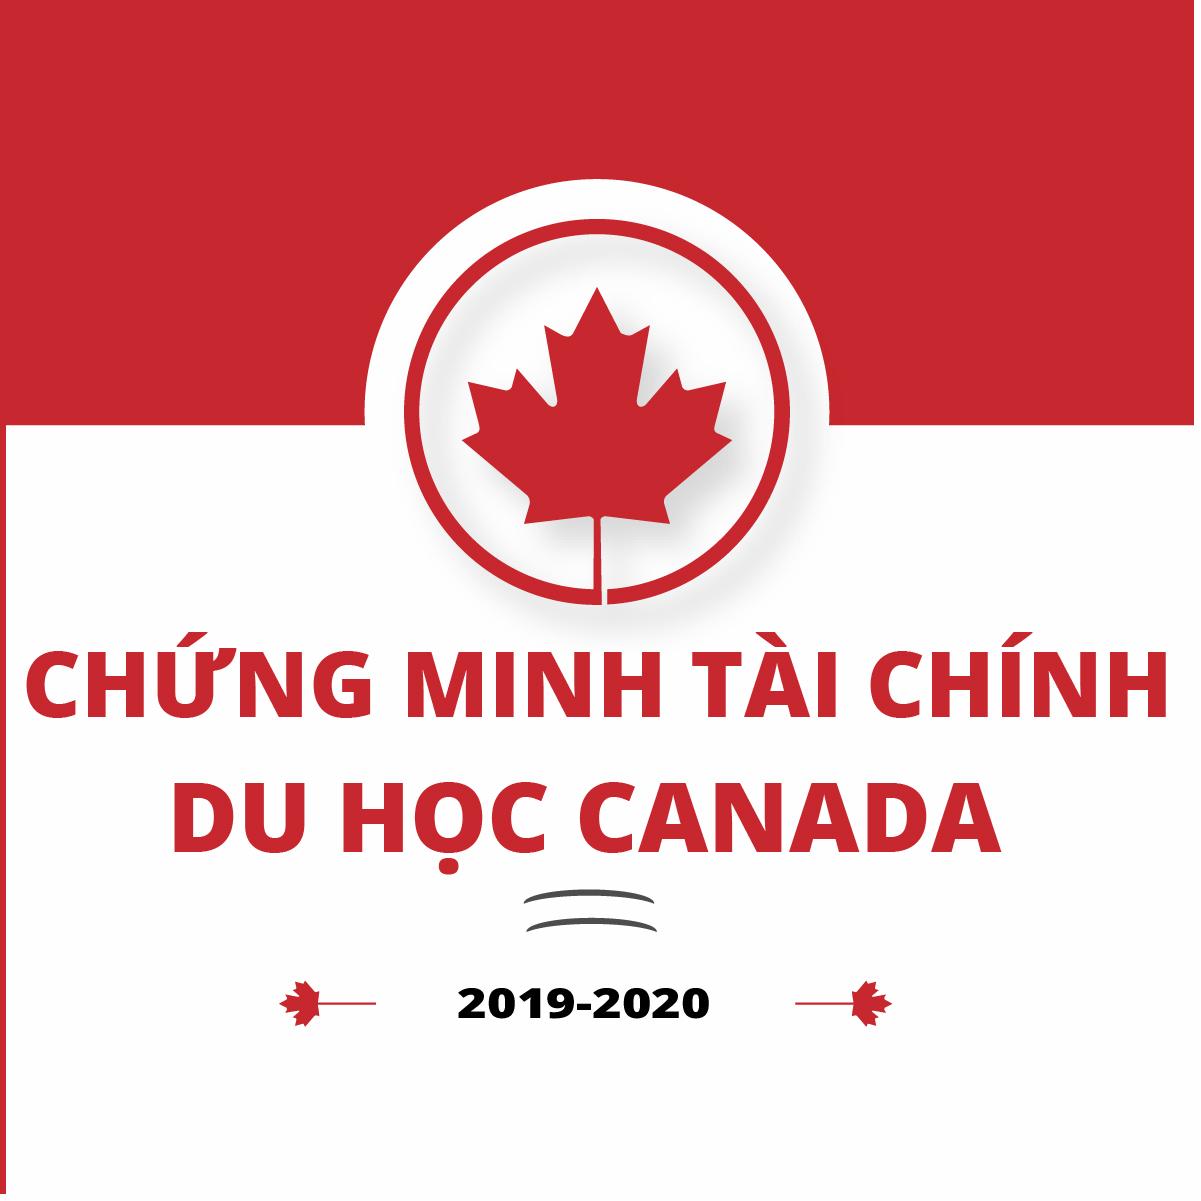 Chứng minh tài chính du học Canada 2019-2020